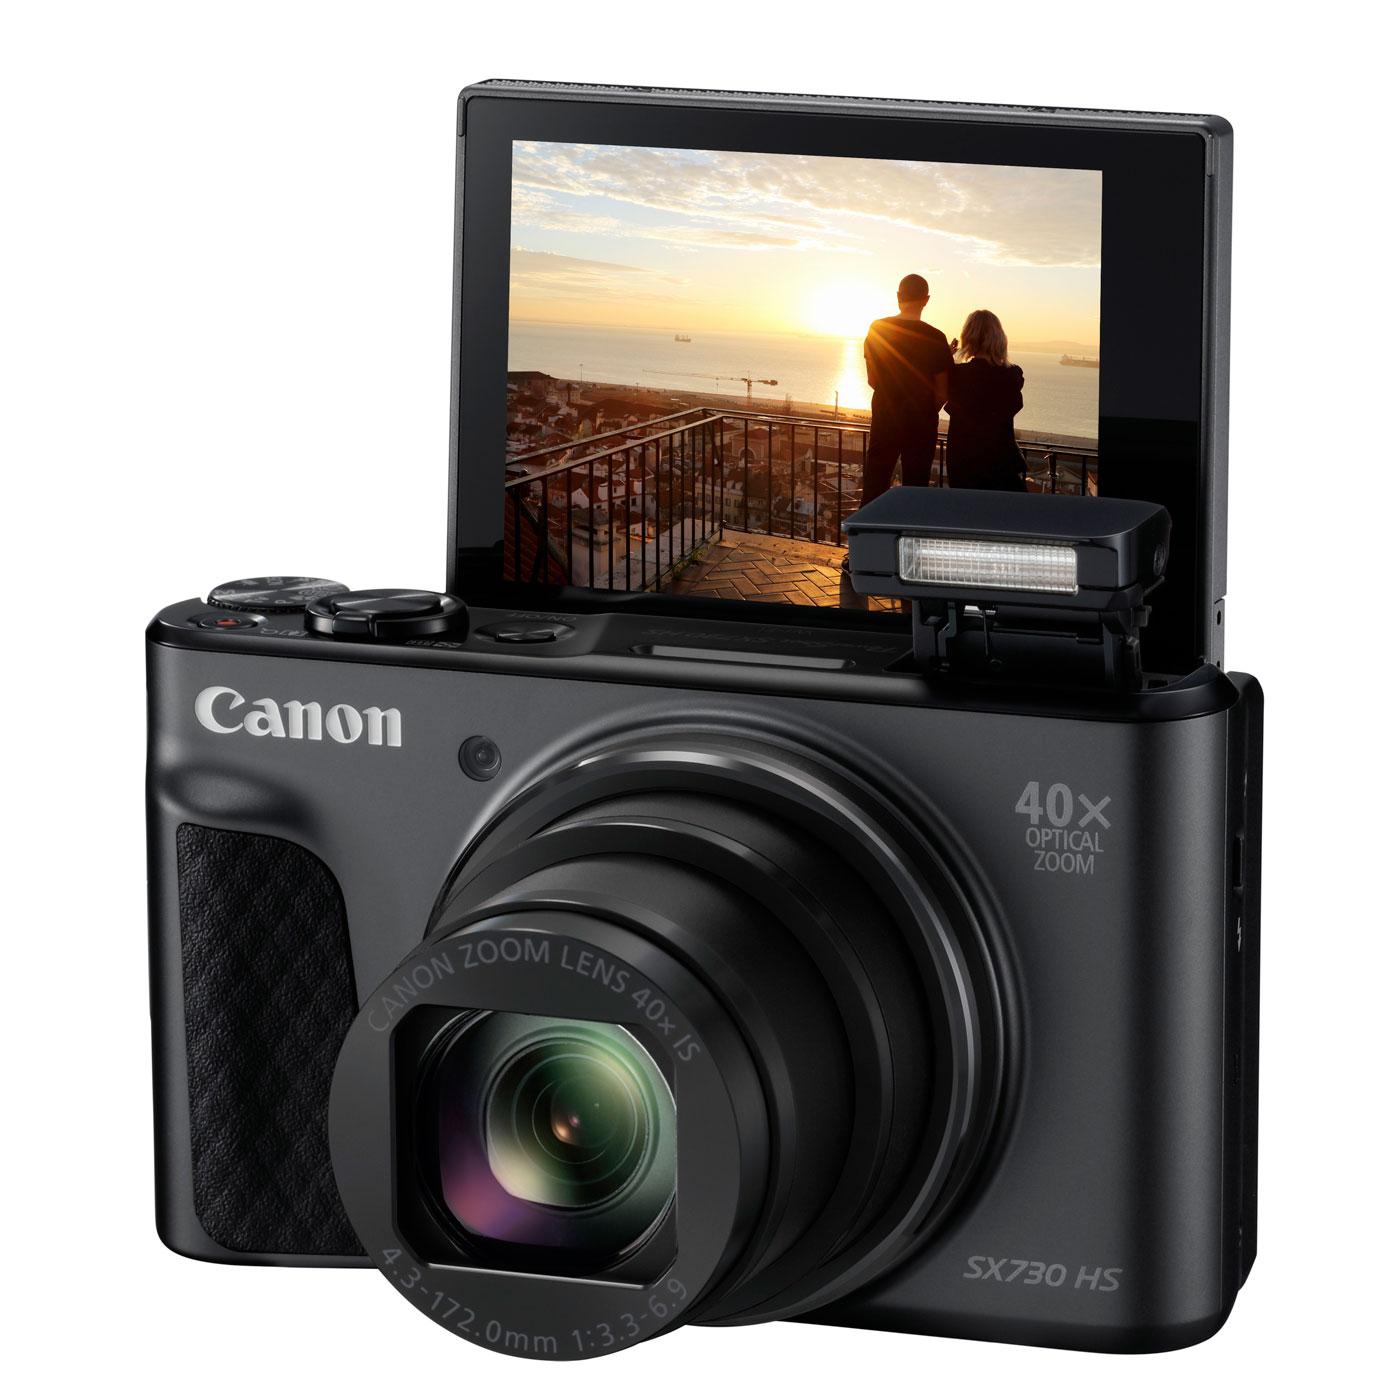 canon powershot sx730 hs noir travel kit appareil photo num rique canon sur. Black Bedroom Furniture Sets. Home Design Ideas